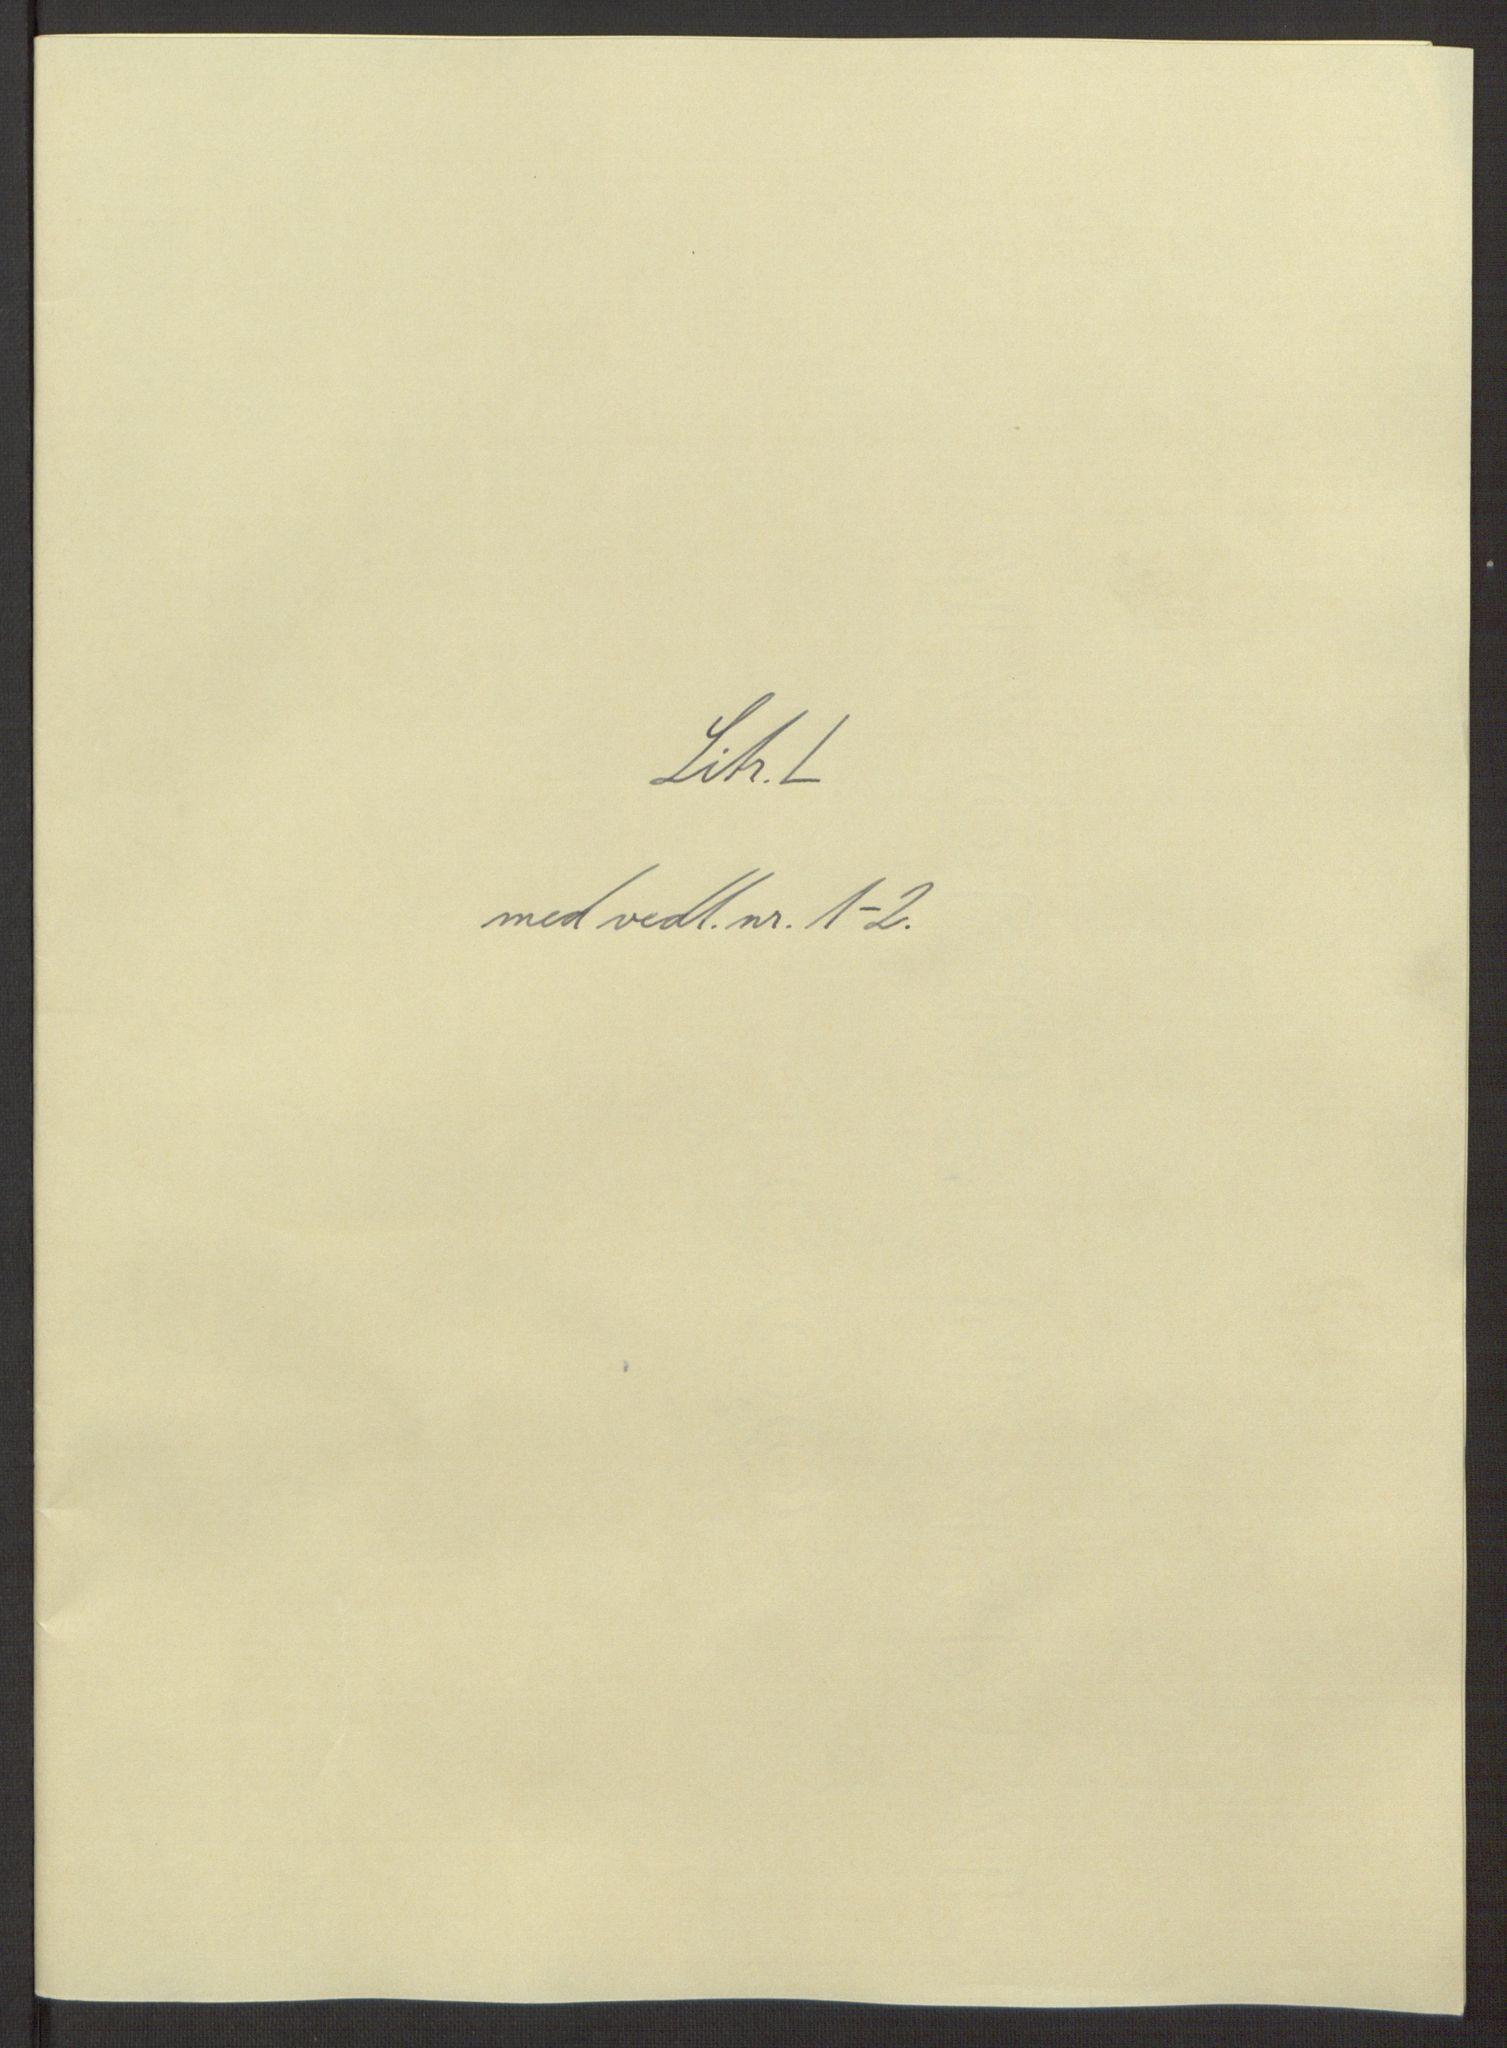 RA, Rentekammeret inntil 1814, Reviderte regnskaper, Fogderegnskap, R58/L3938: Fogderegnskap Orkdal, 1693, s. 157